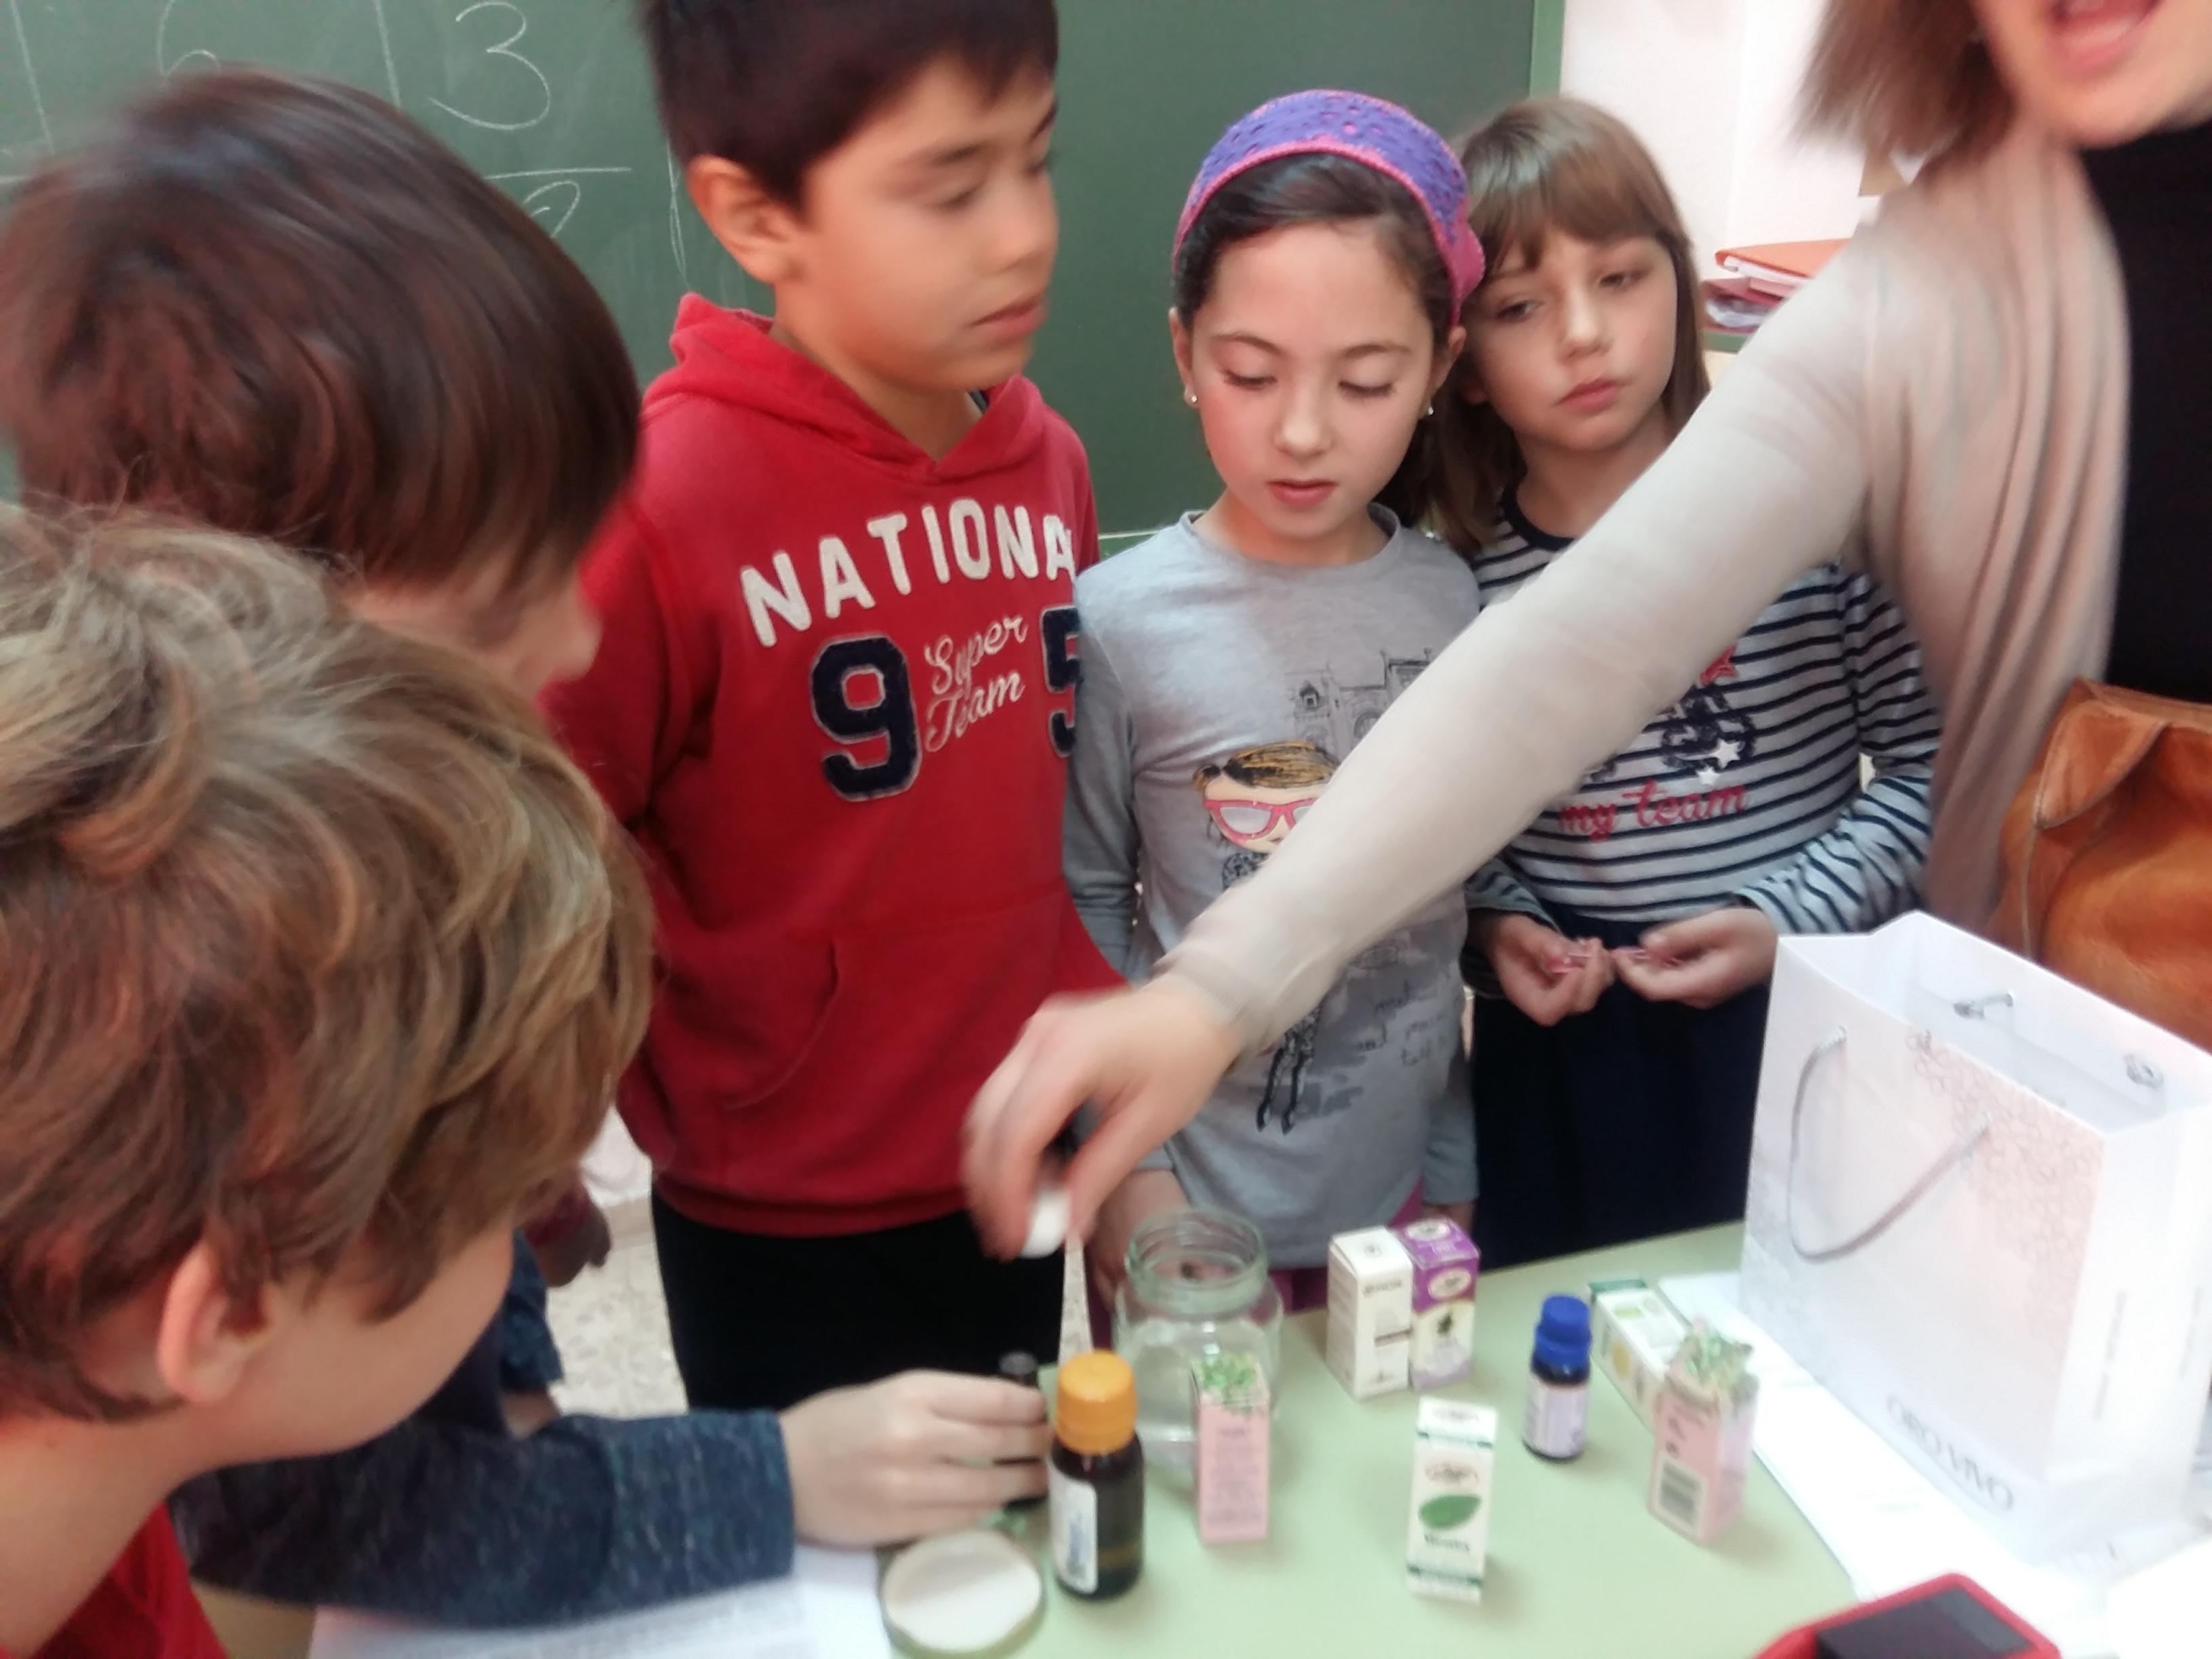 Science experiments. Parfum. 21